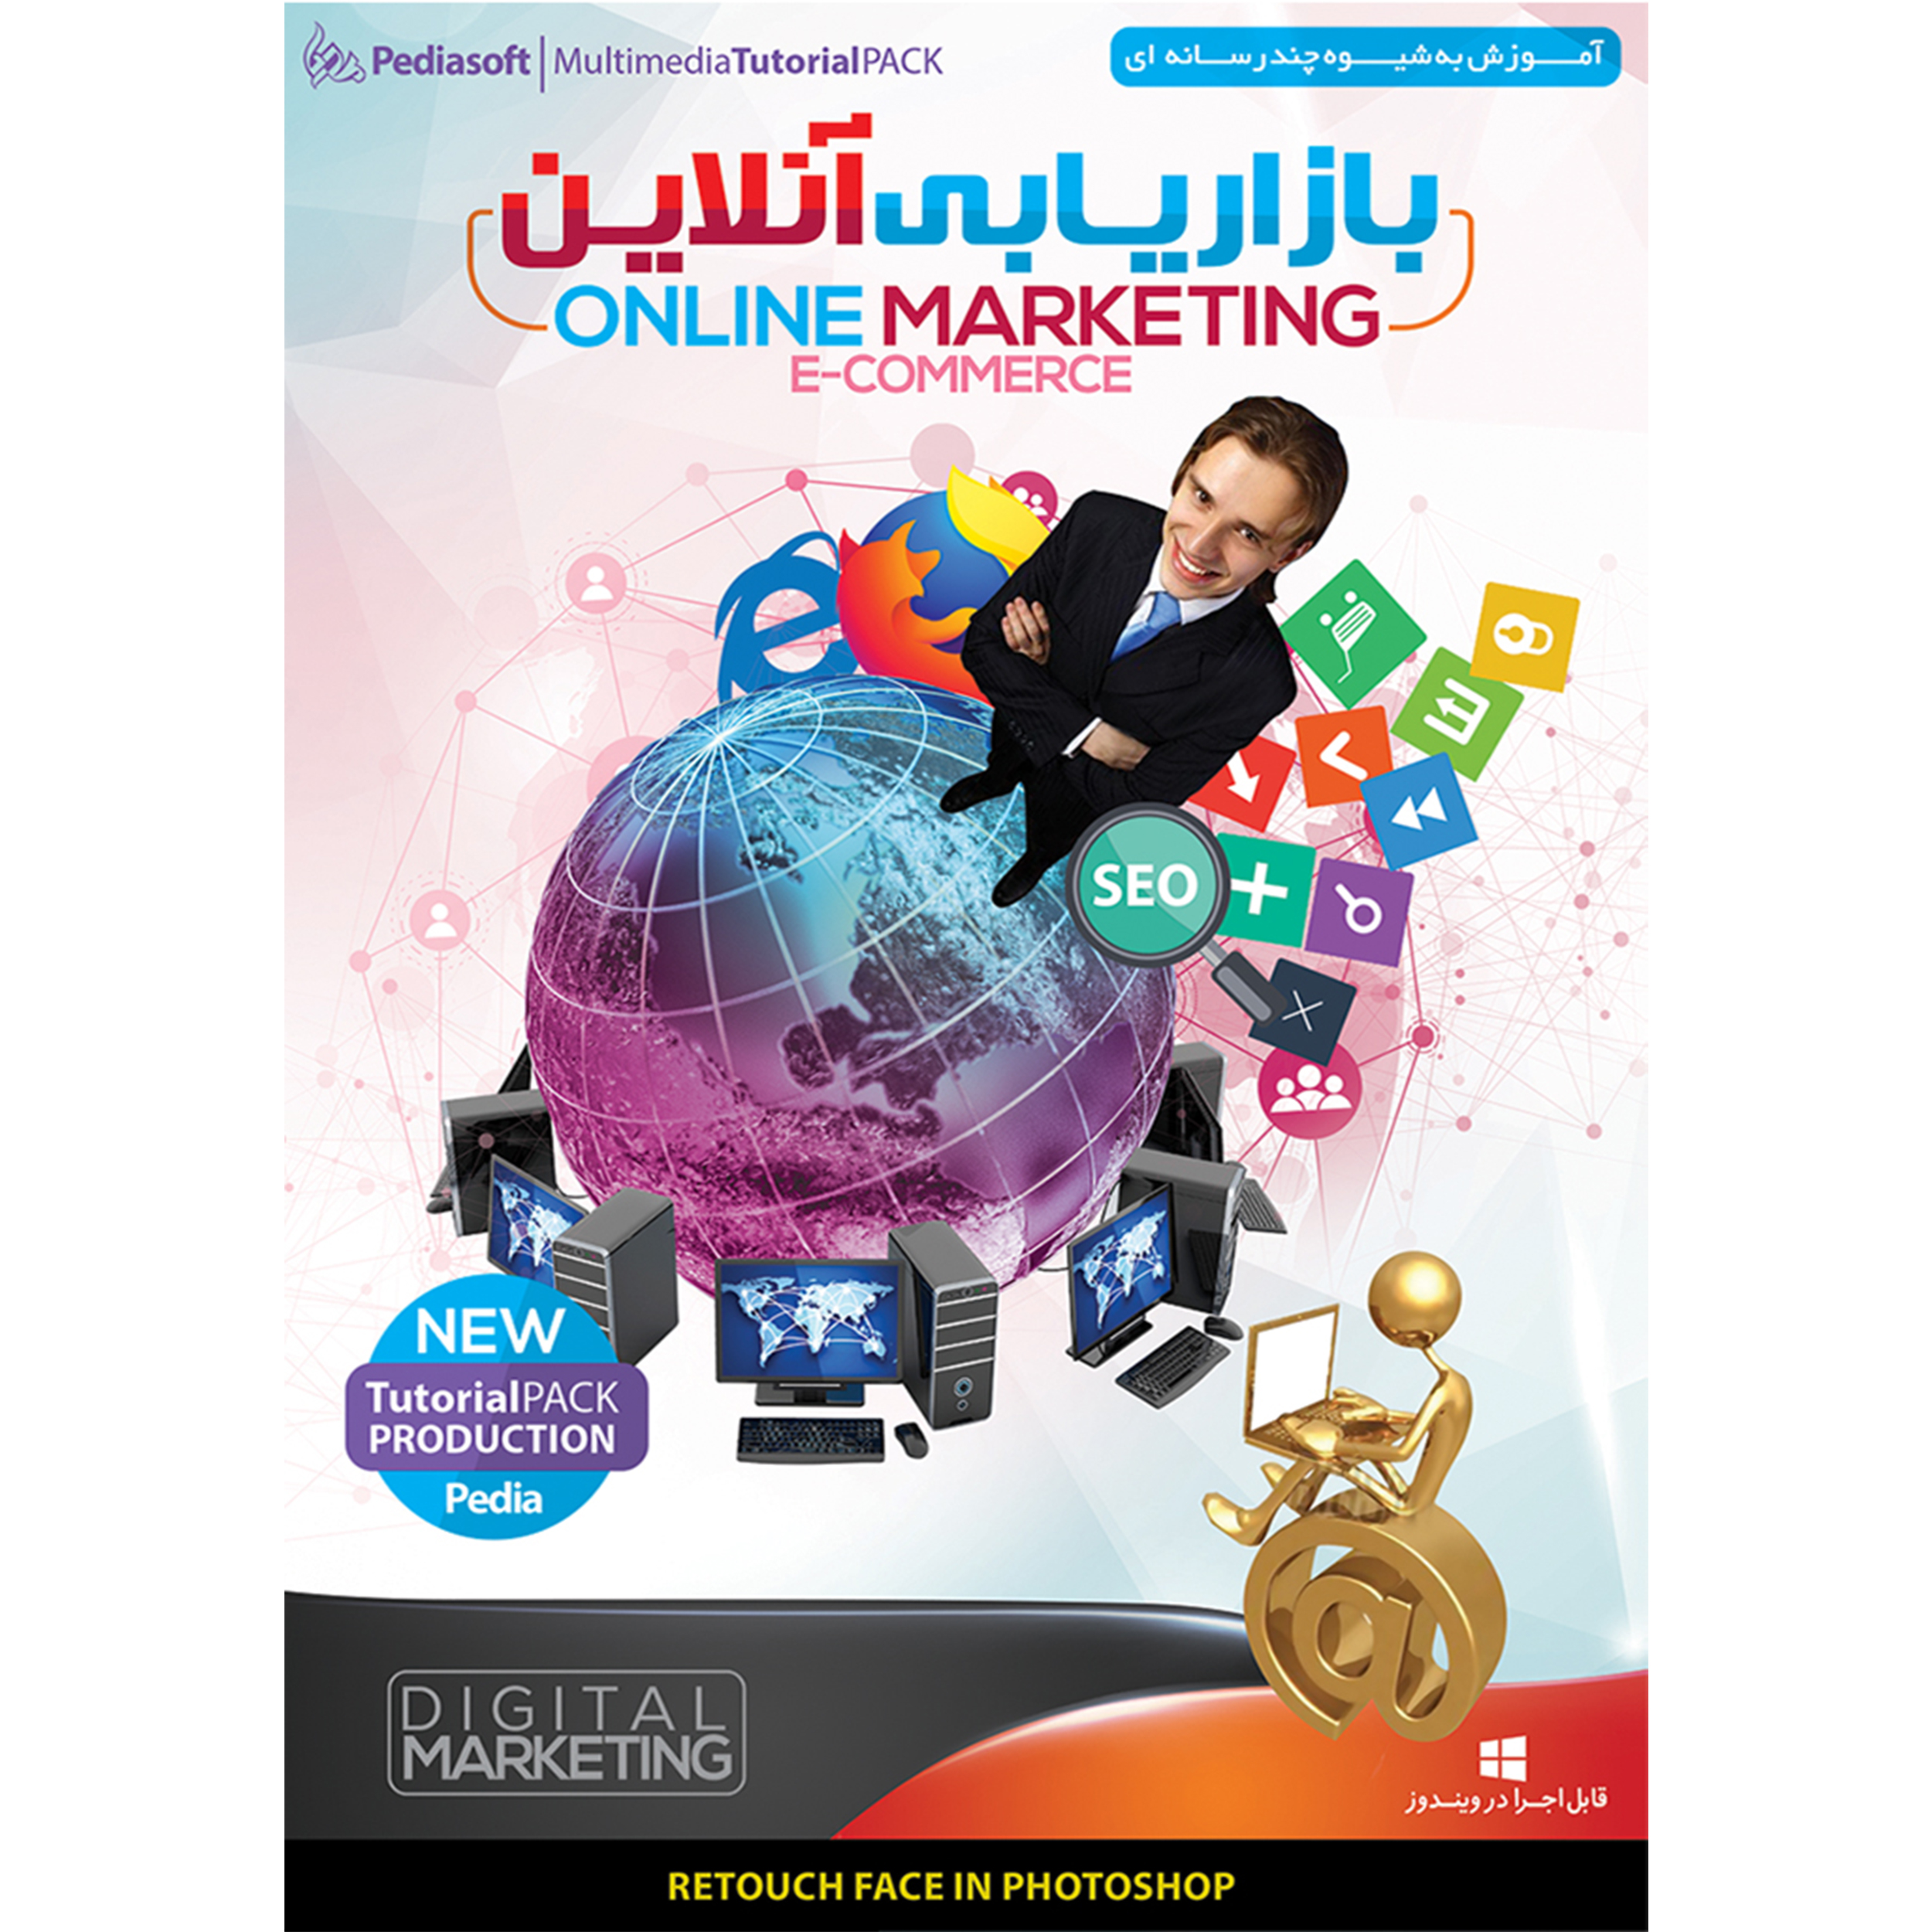 نرم افزار آموزش بازاریابی آنلاین نشر پدیا سافت